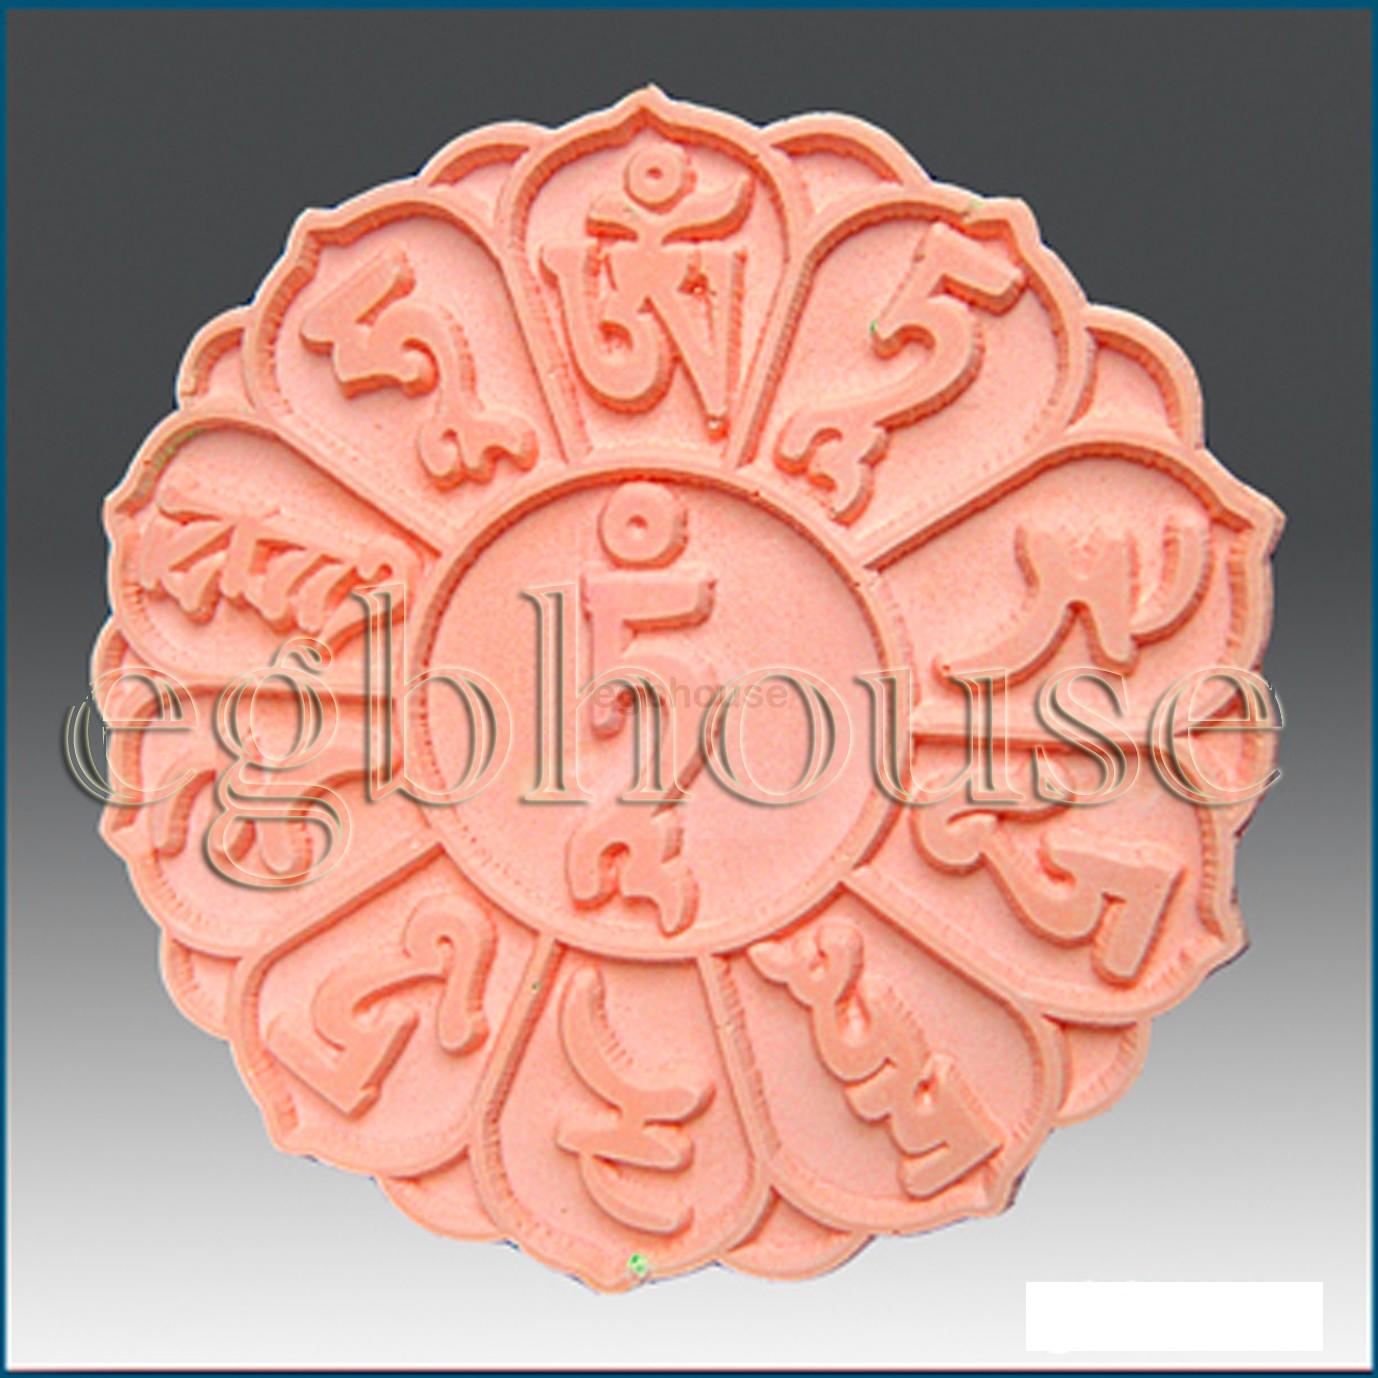 Mani Lotus with Tibetan prayer